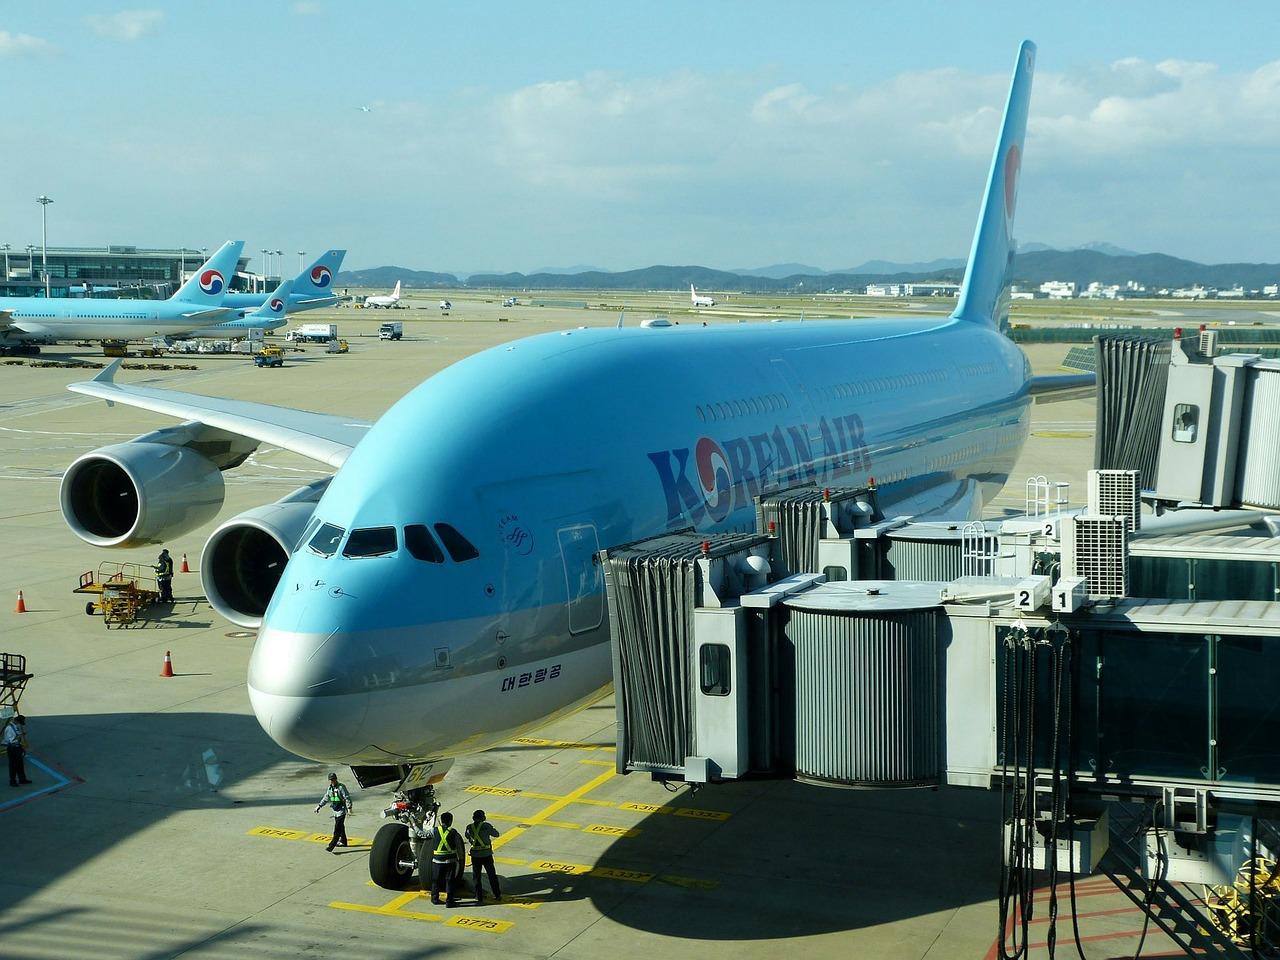 Korean Air planes on the tarmac